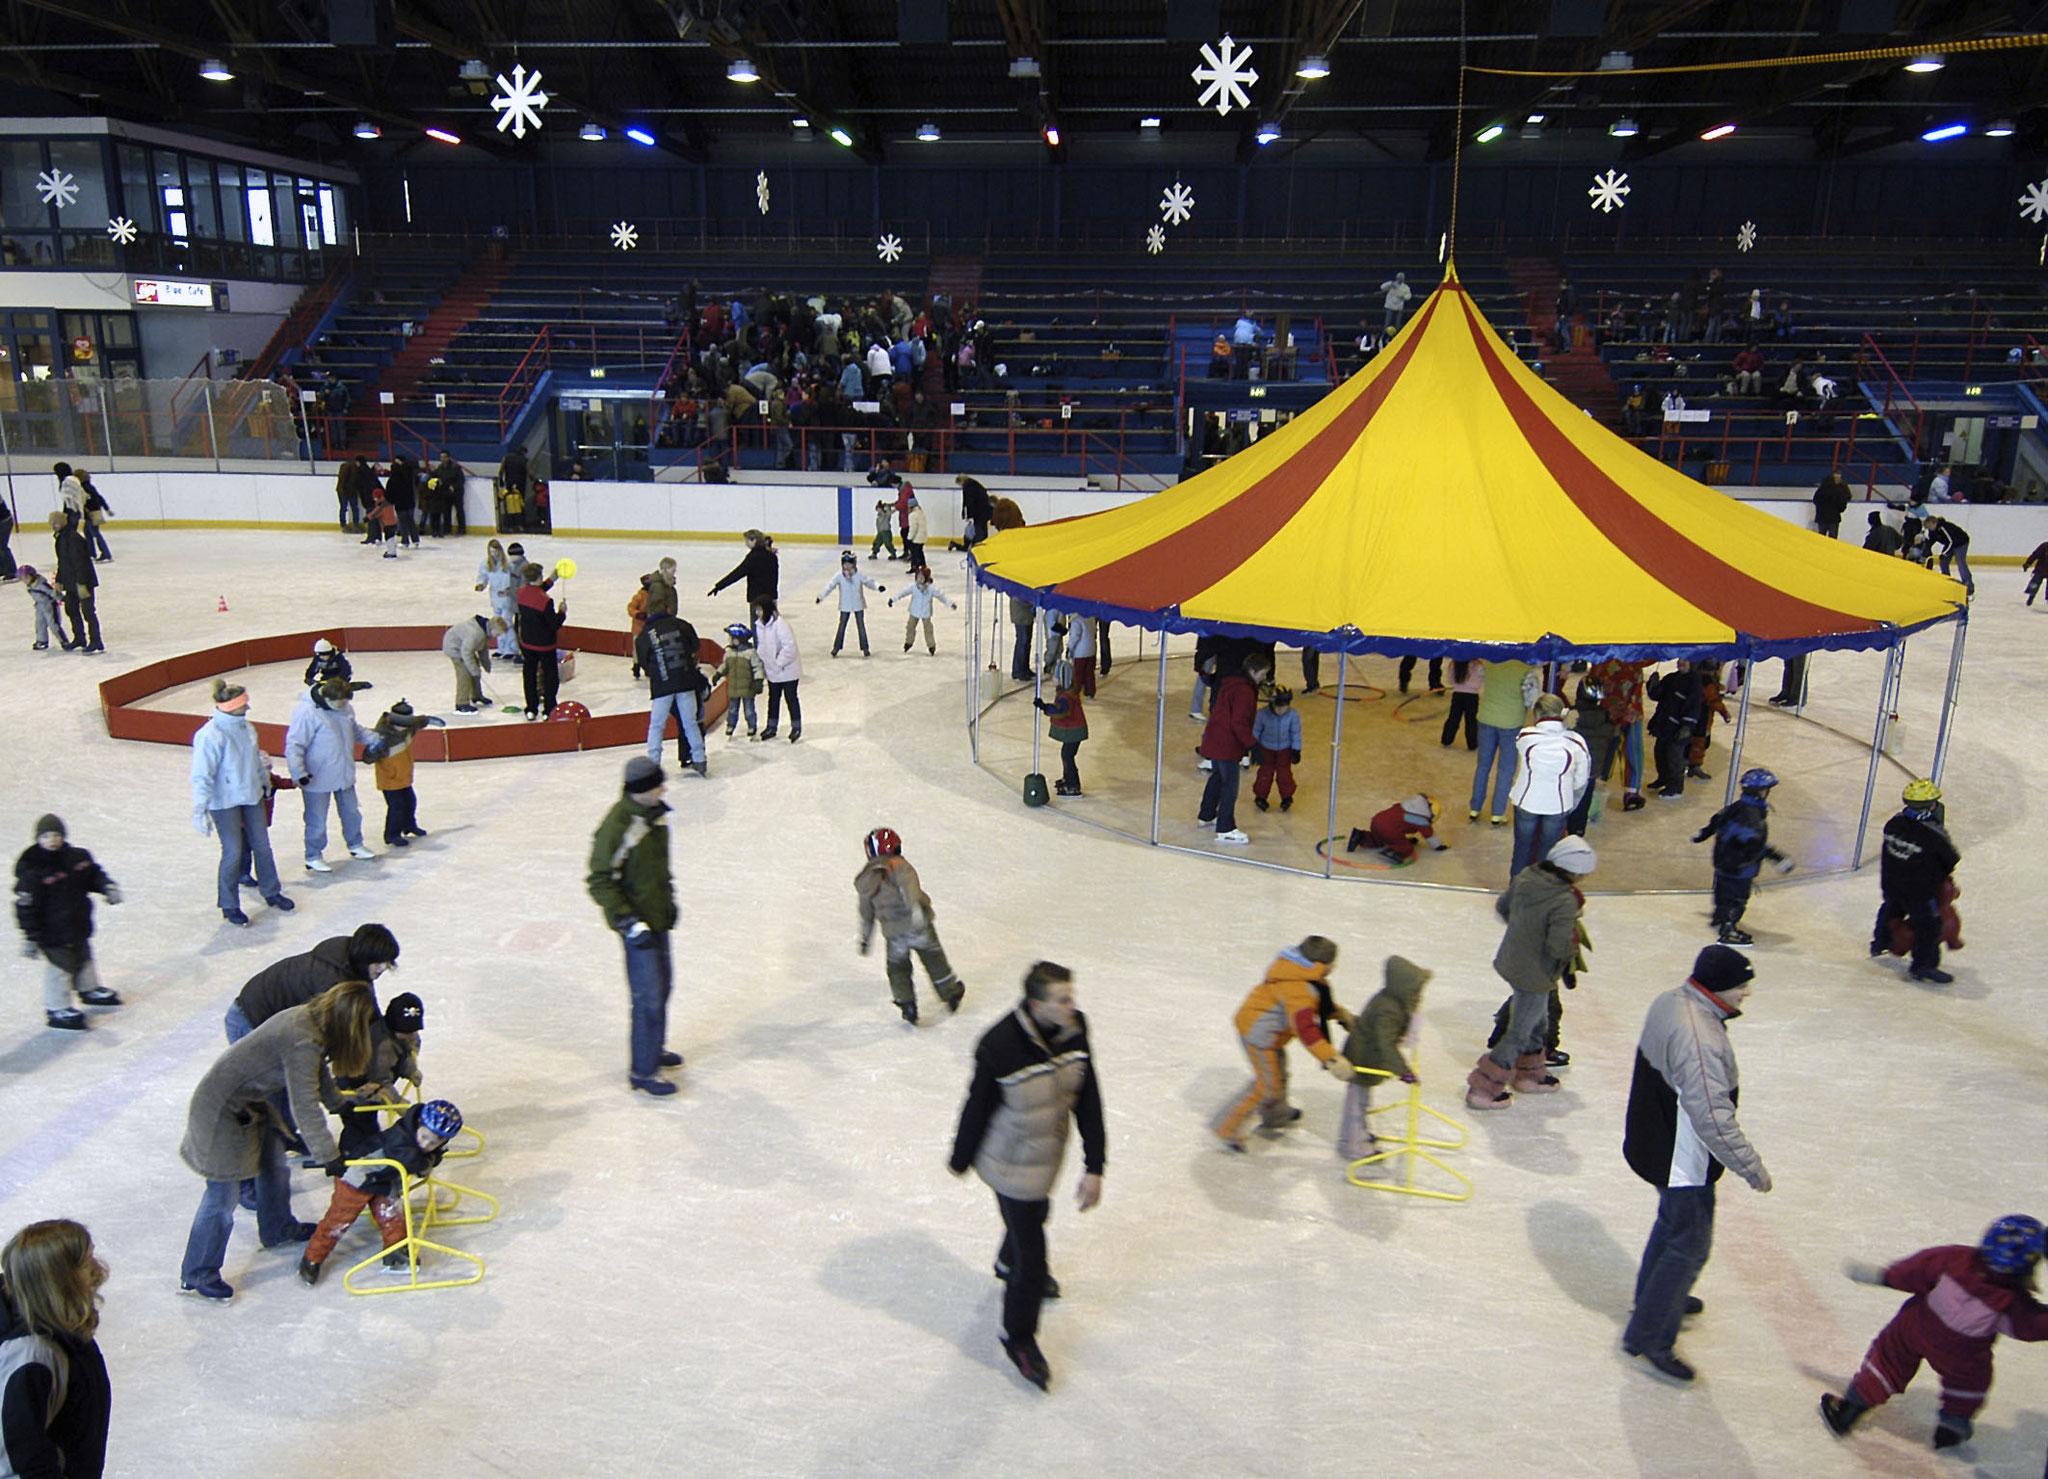 Zirkus auf dem Eis